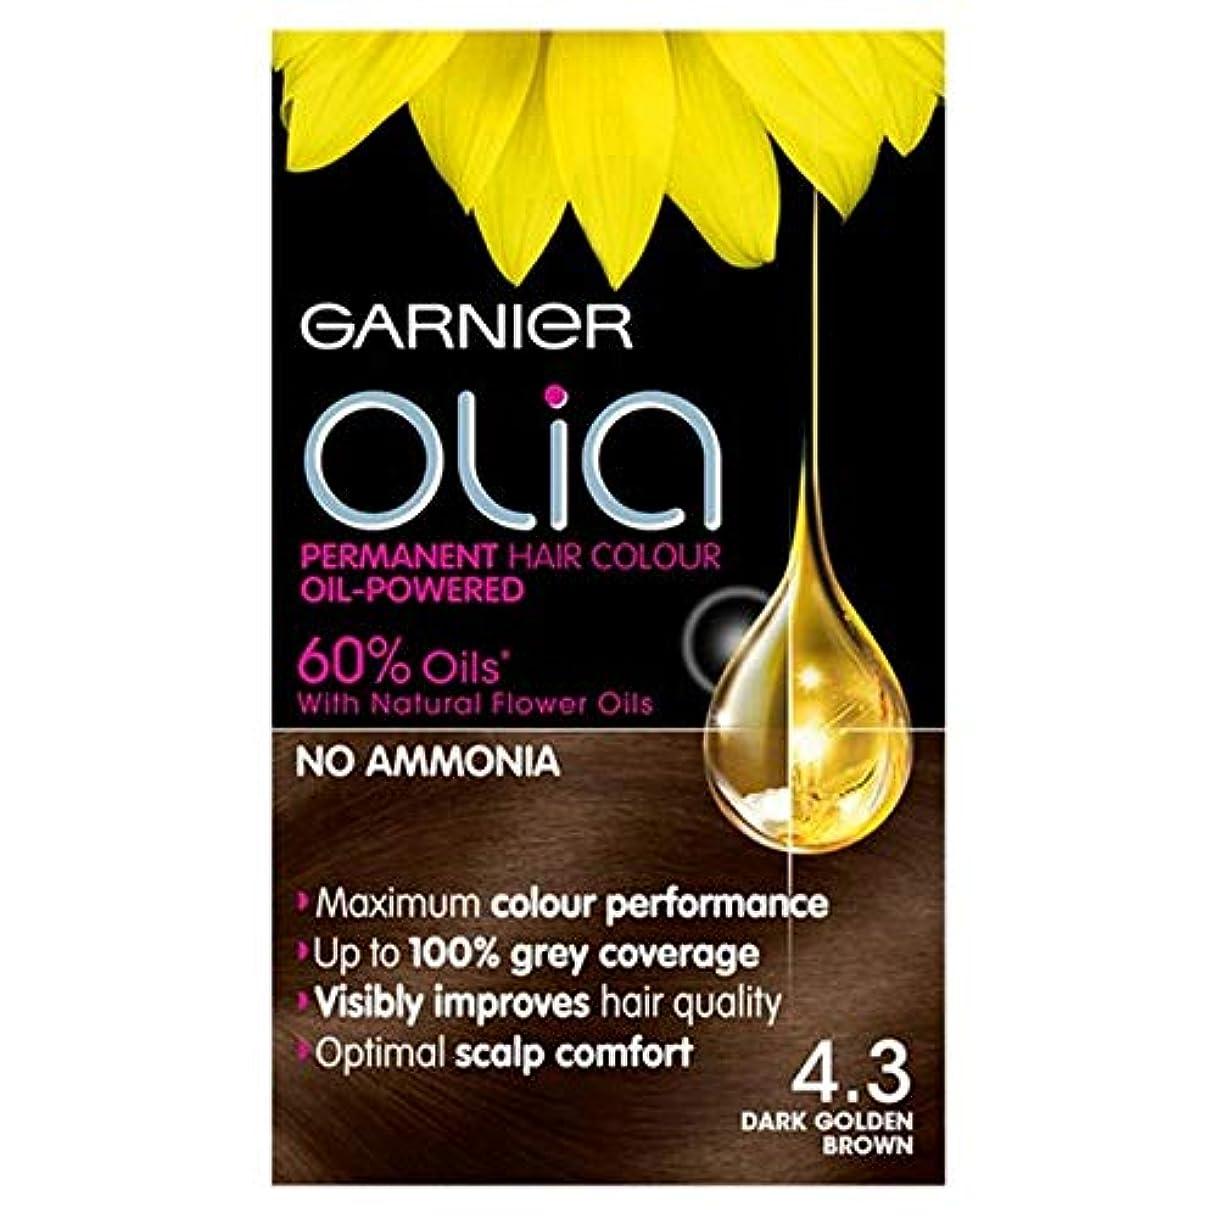 大佐かるささいな[Garnier] 4.3濃い黄金色に永久染毛剤Oliaガルニエ - Garnier Olia 4.3 Dark Golden Brown Permanent Hair Dye [並行輸入品]